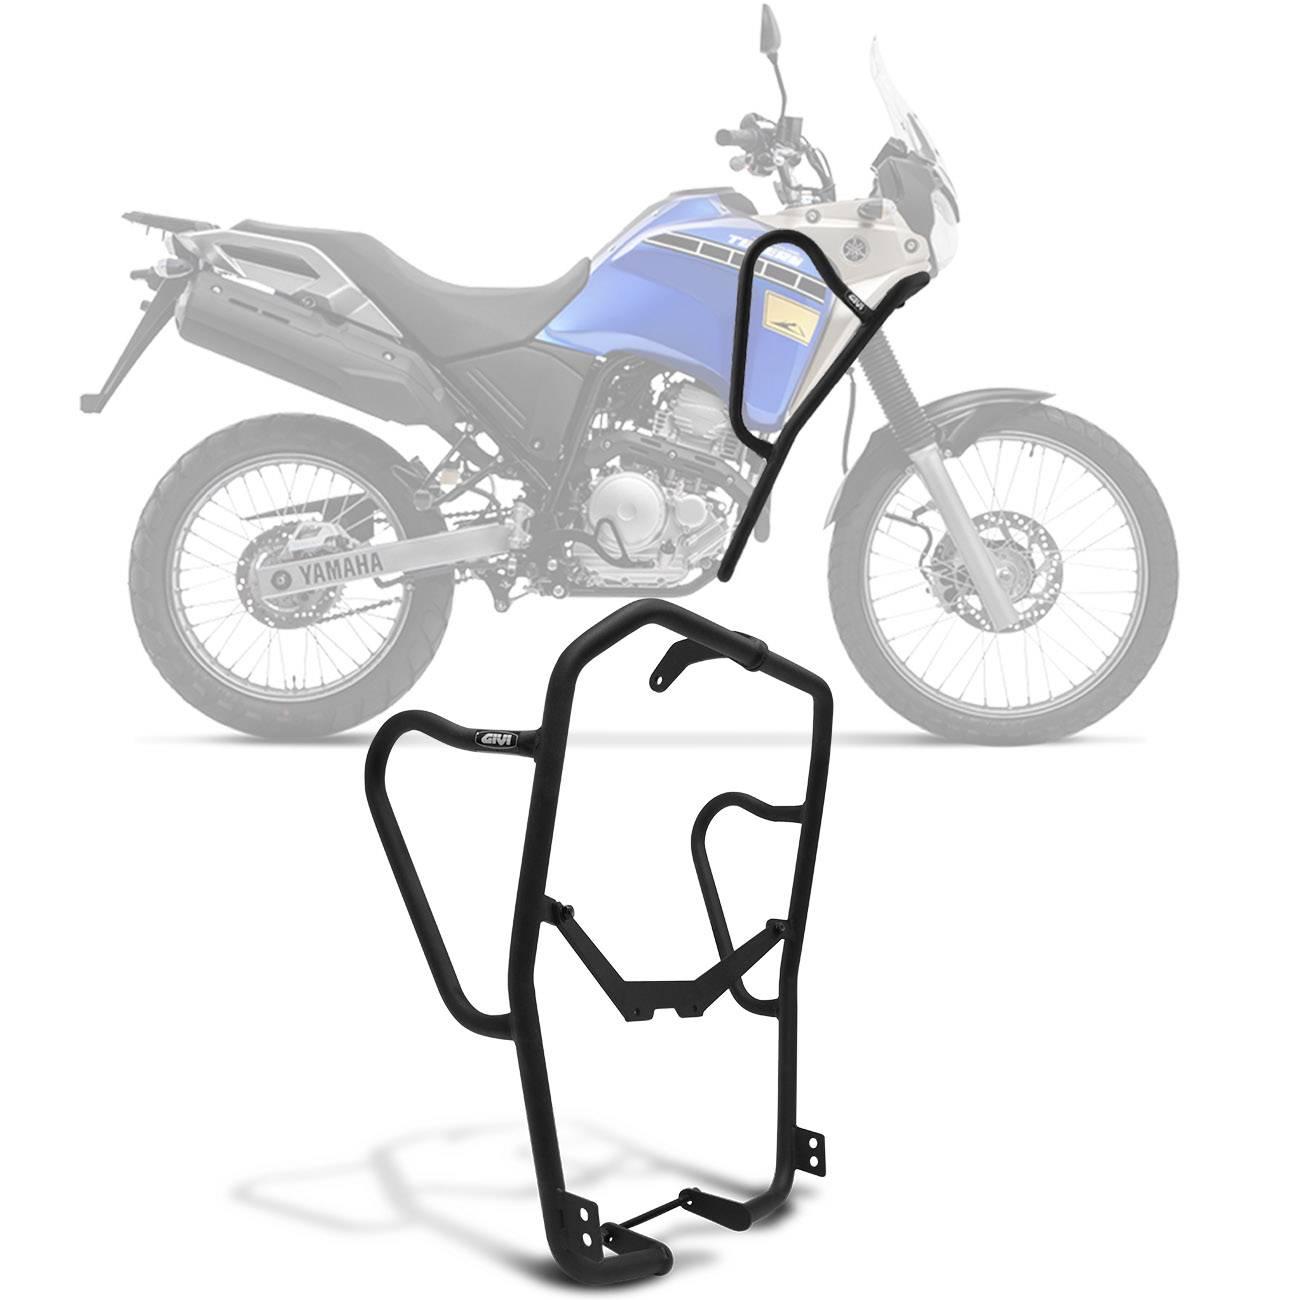 Protetor de Motor e Carenagem TN2125 para Yamaha Tenere 250 2015 em diante - Givi